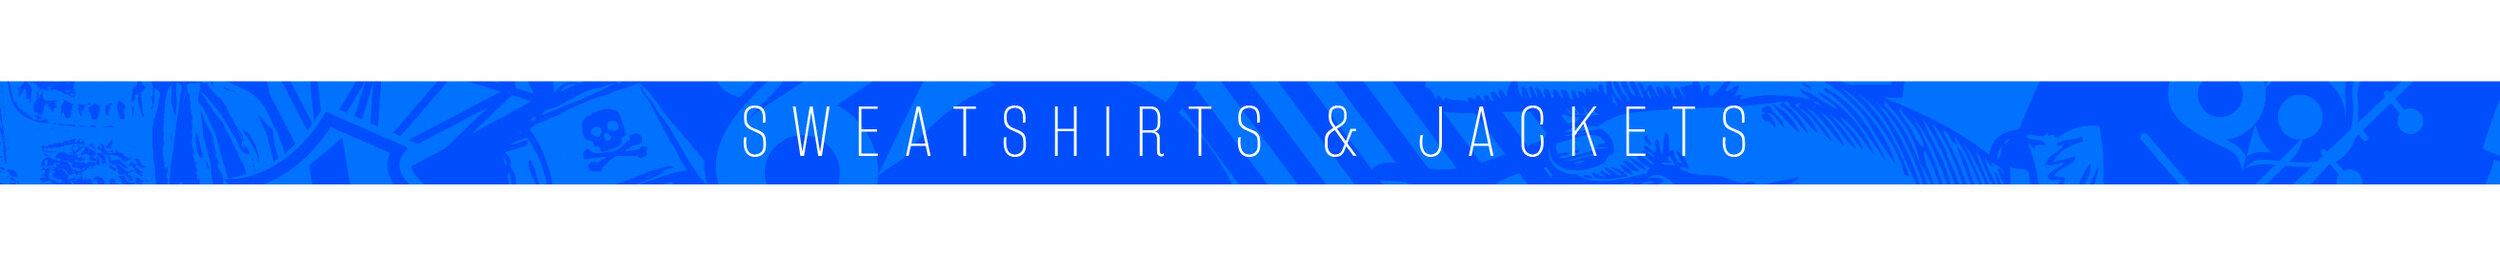 Cut&Sew-category-headers-SWEATSHIRTS&JACKETS_Artboard 1.jpg